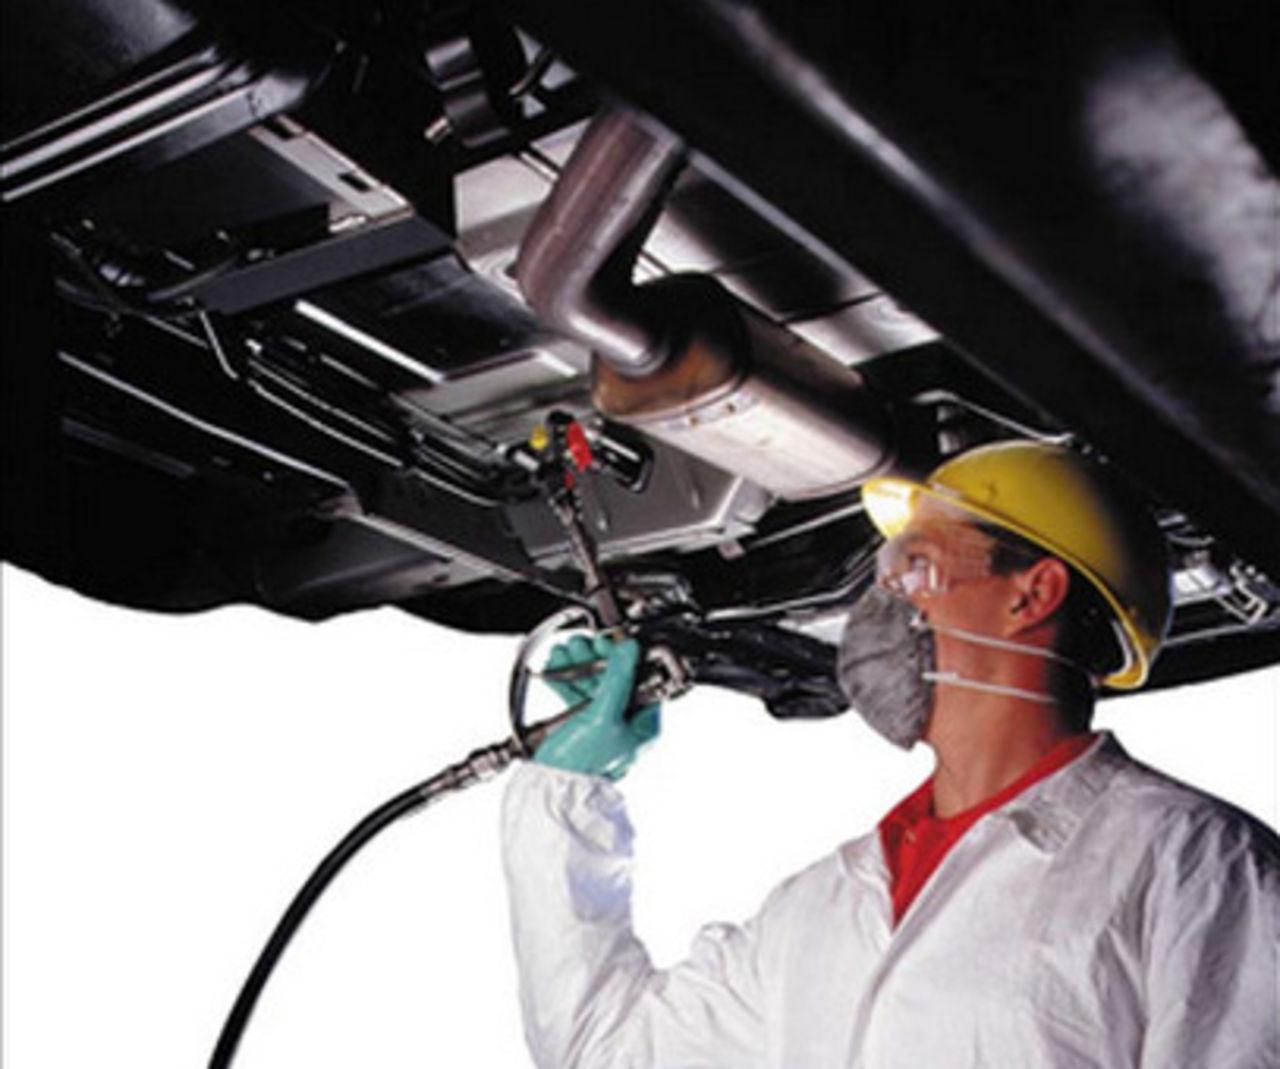 Обработка автомобиля антикором - как защитить авто от коррозии